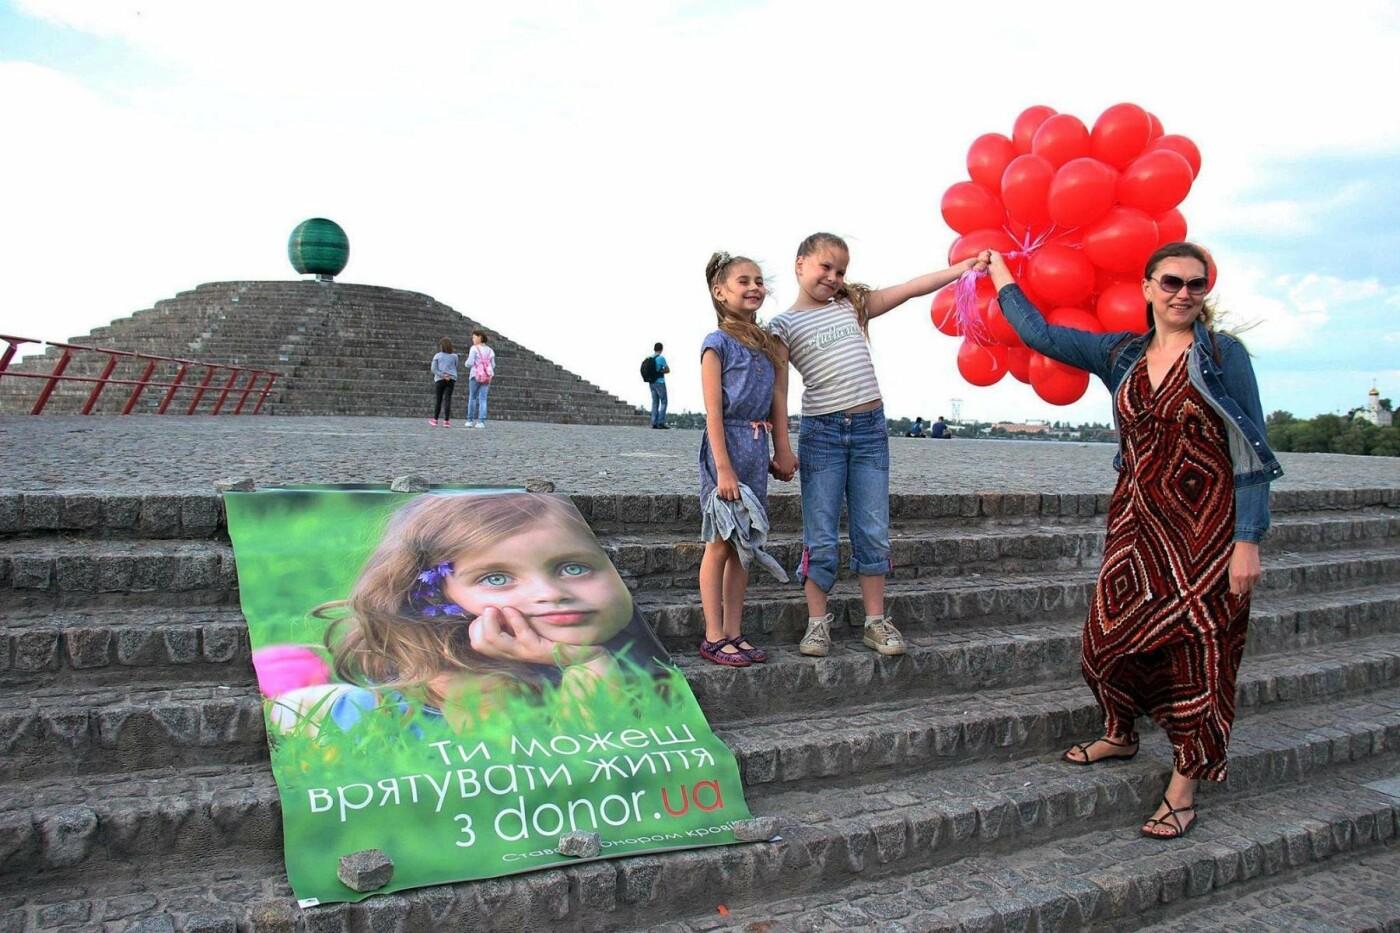 Одевайтесь в красное: в Днепре состоится красочный флешмоб в поддержку доноров, - ФОТО, фото-1